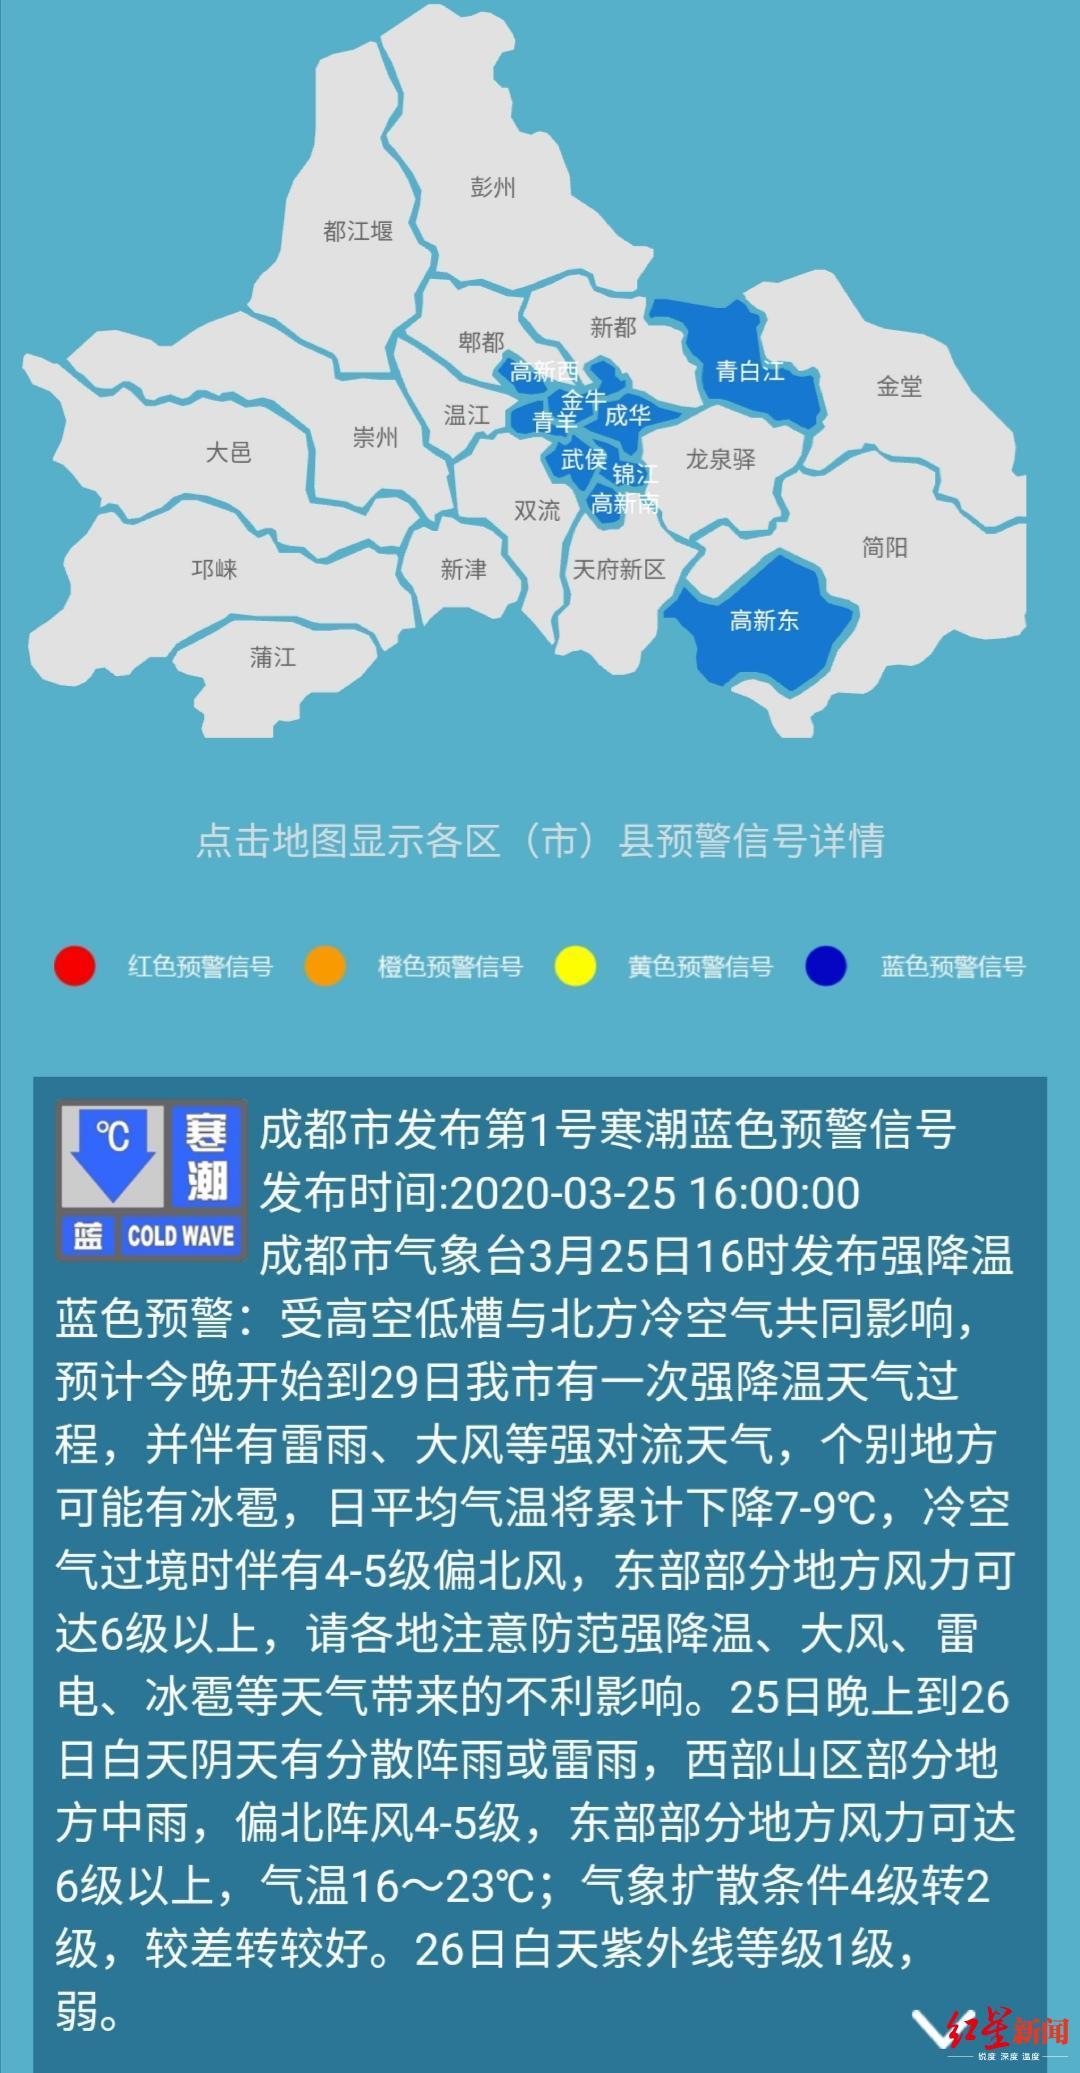 布林克克成都发布寒潮蓝色预警!